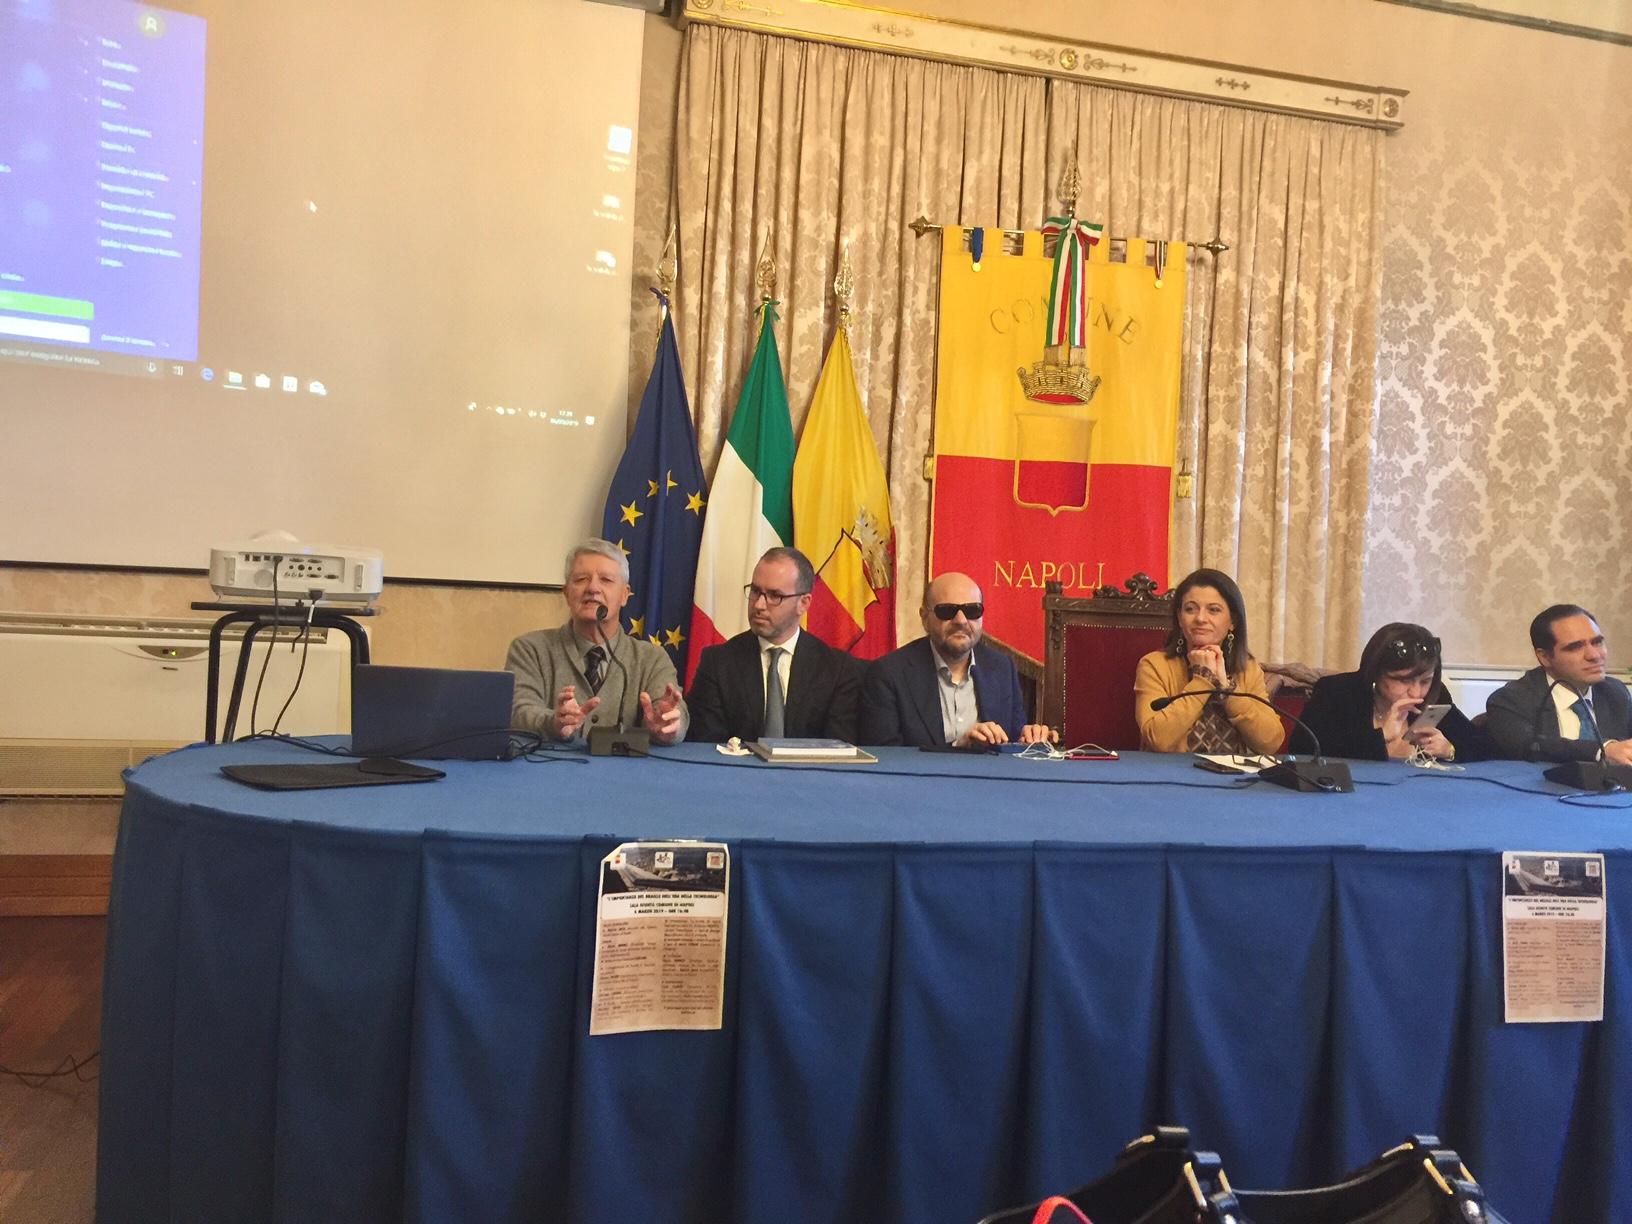 """Napoli. """"L'importanza del Braille nell'era della tecnologia"""" Seminario con presentazione del Libro di Amedeo Bagnasco (Video e Foto)"""